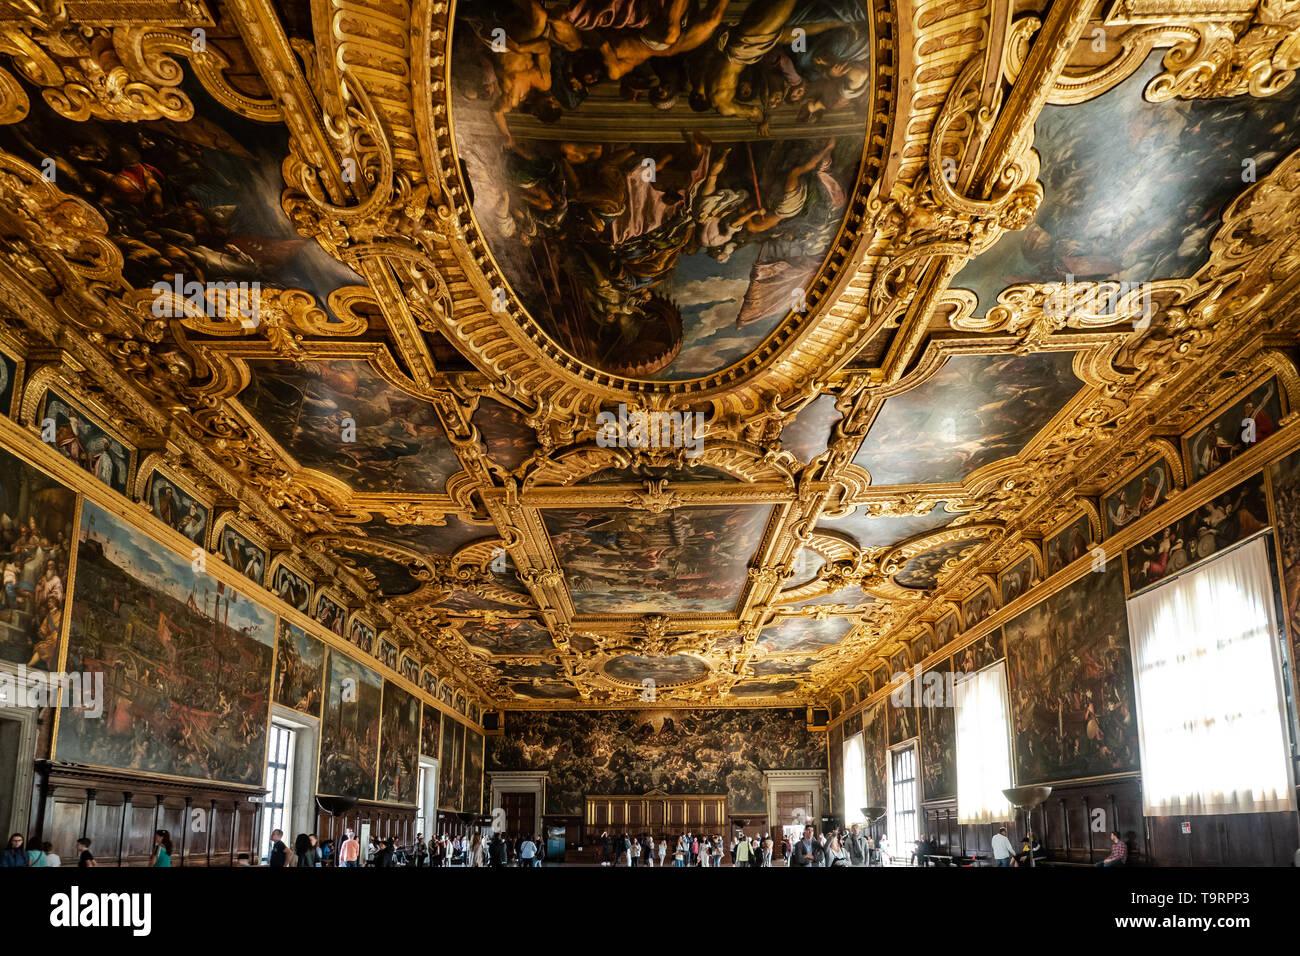 Venise, Italie - 18 avril 2019 la chambre du grand conseil à la Doge Palace avec les touristes. Détail du plafond. Banque D'Images